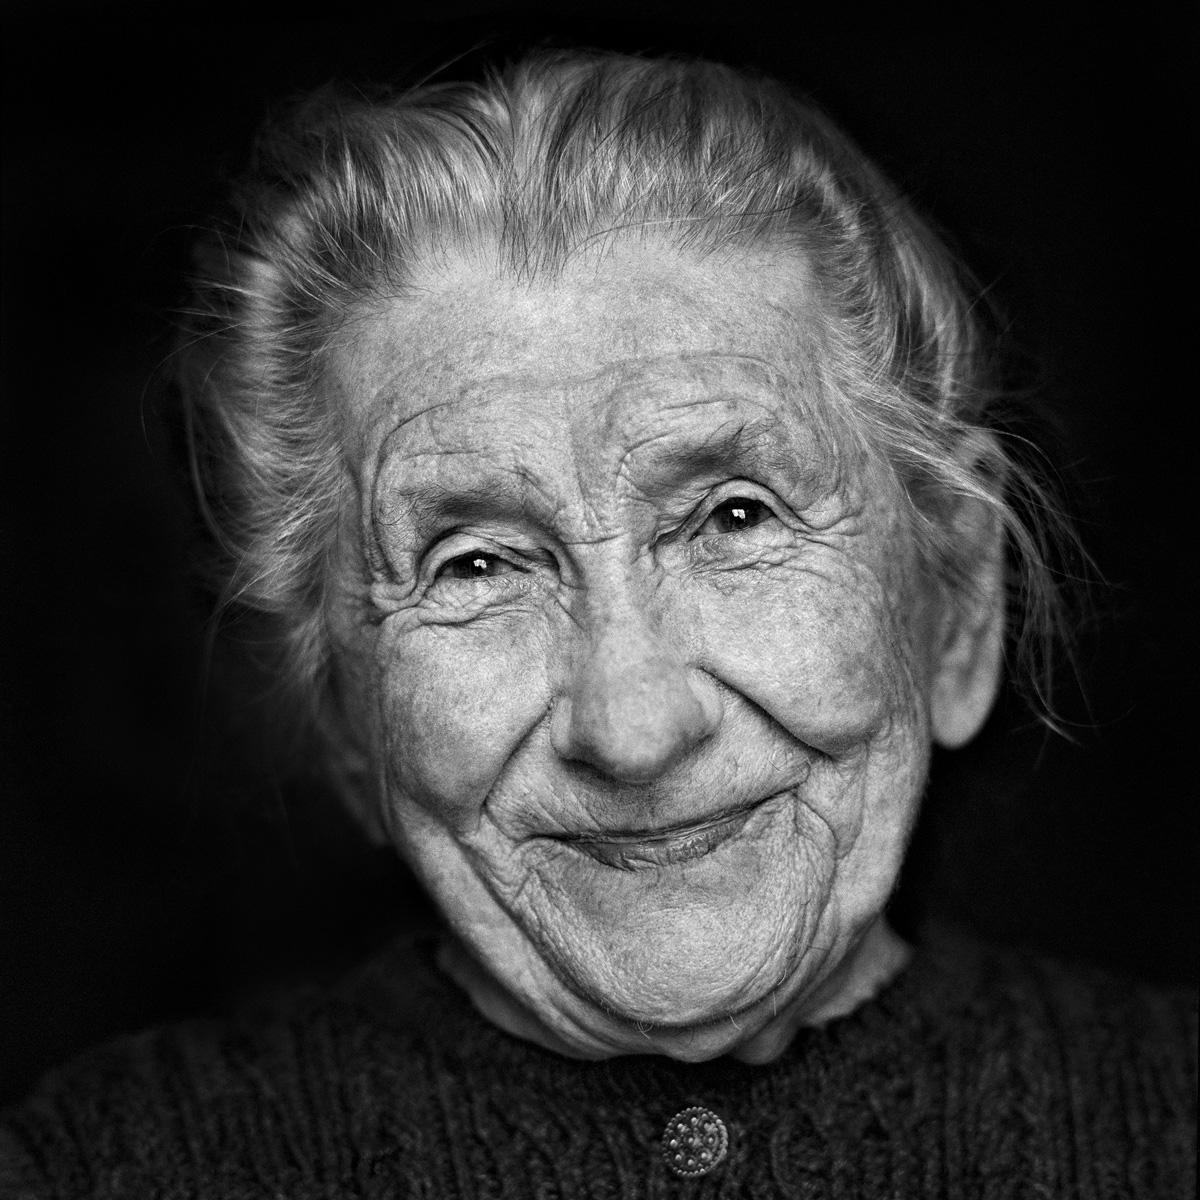 © Christine Turnauer - Maria, Farmer, Austria, 1996